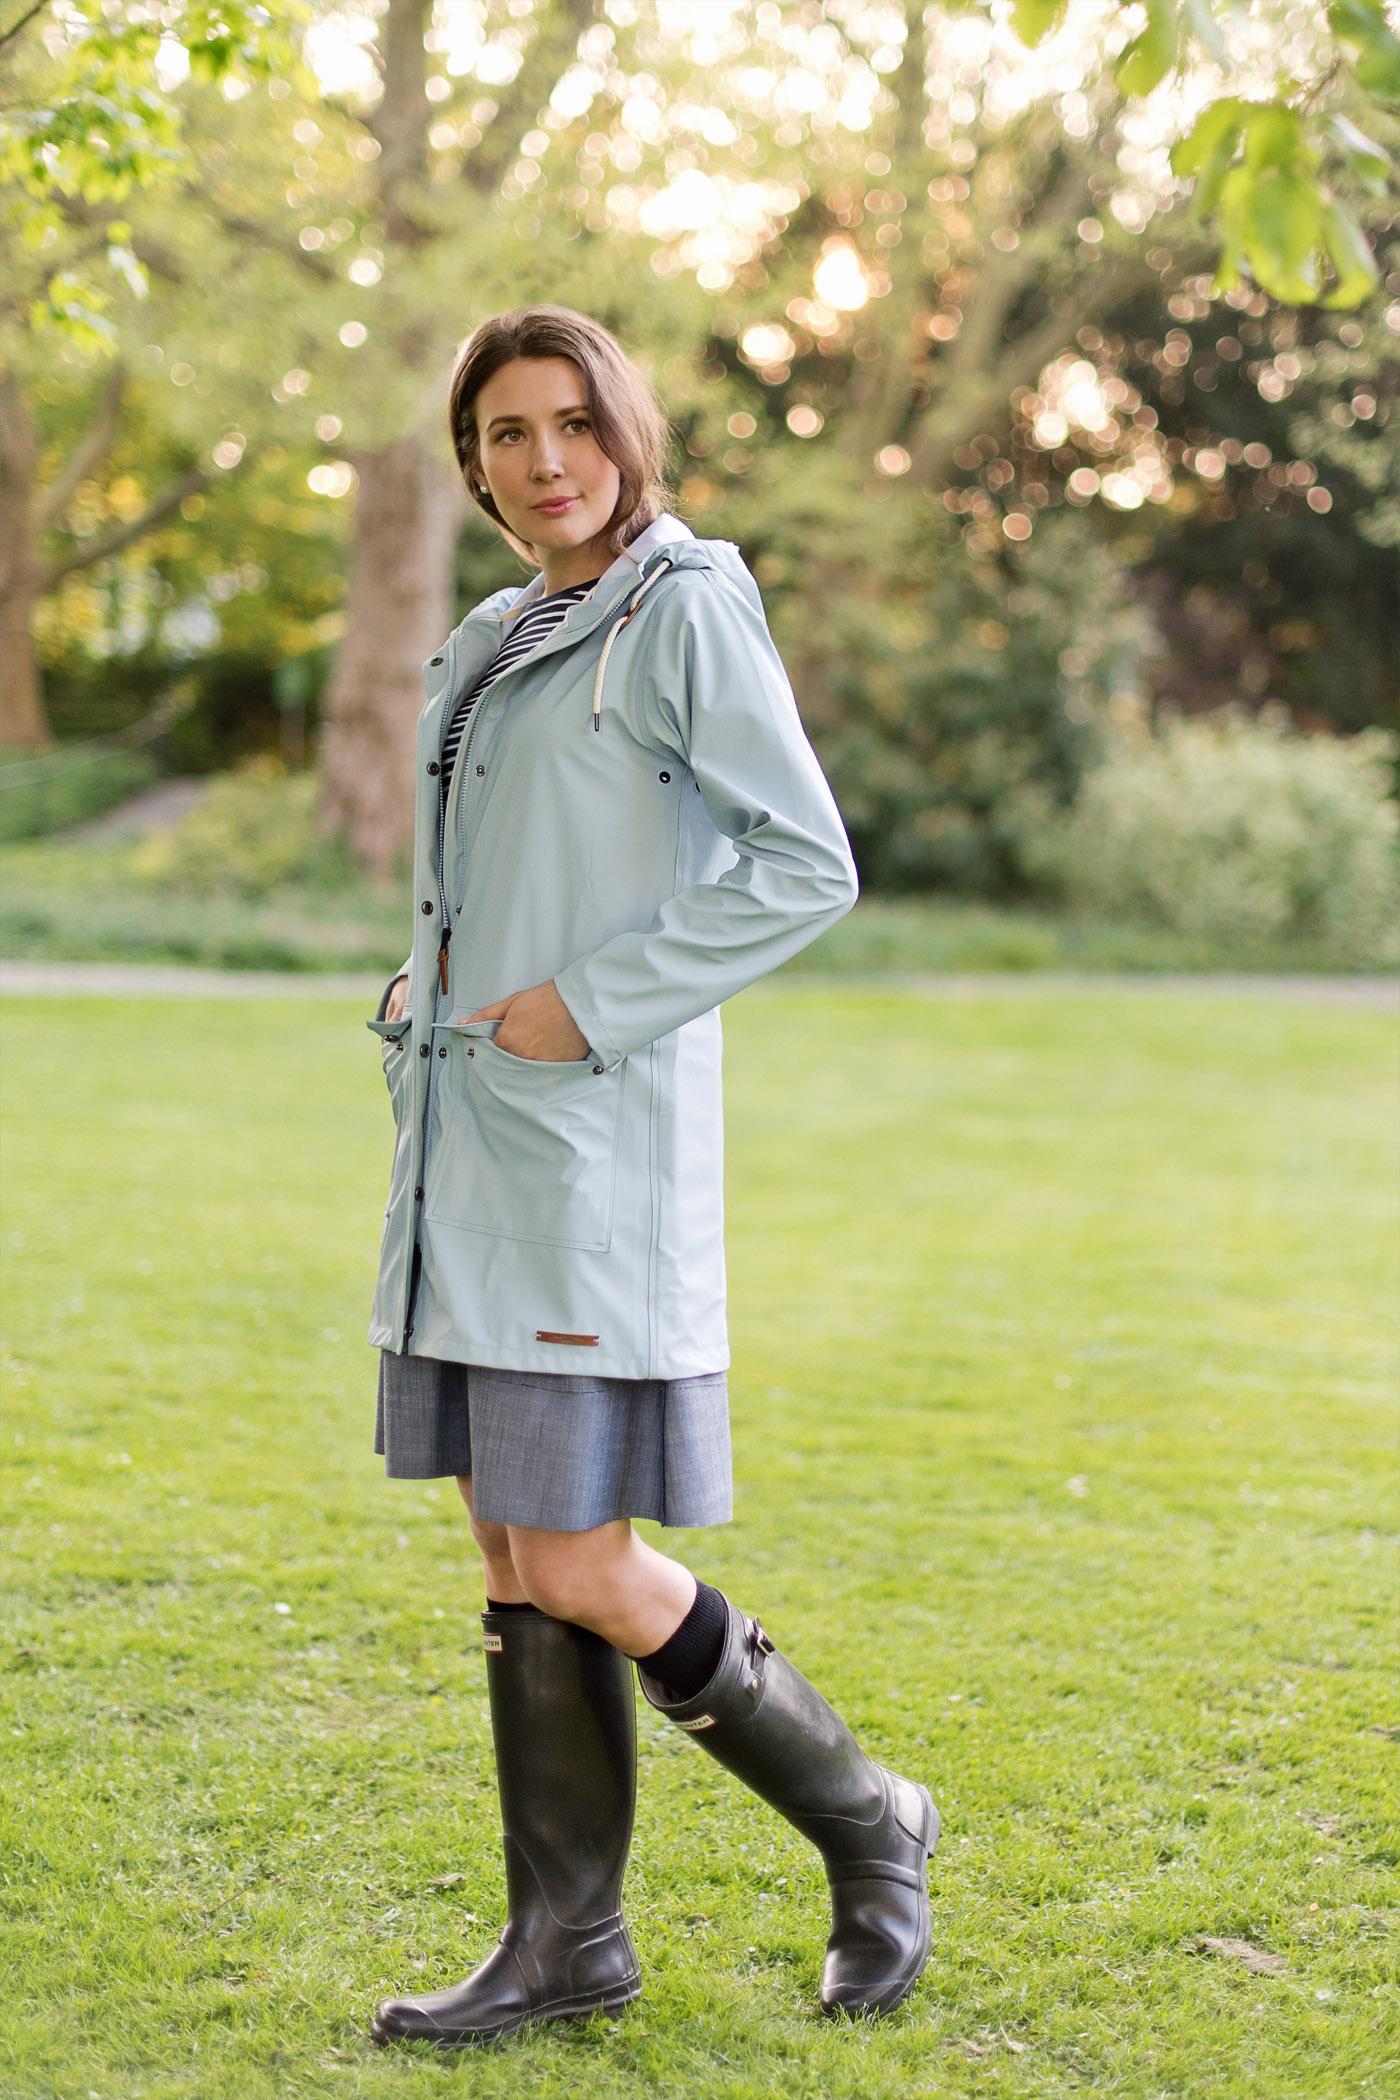 Rain Boots Fashion Blog